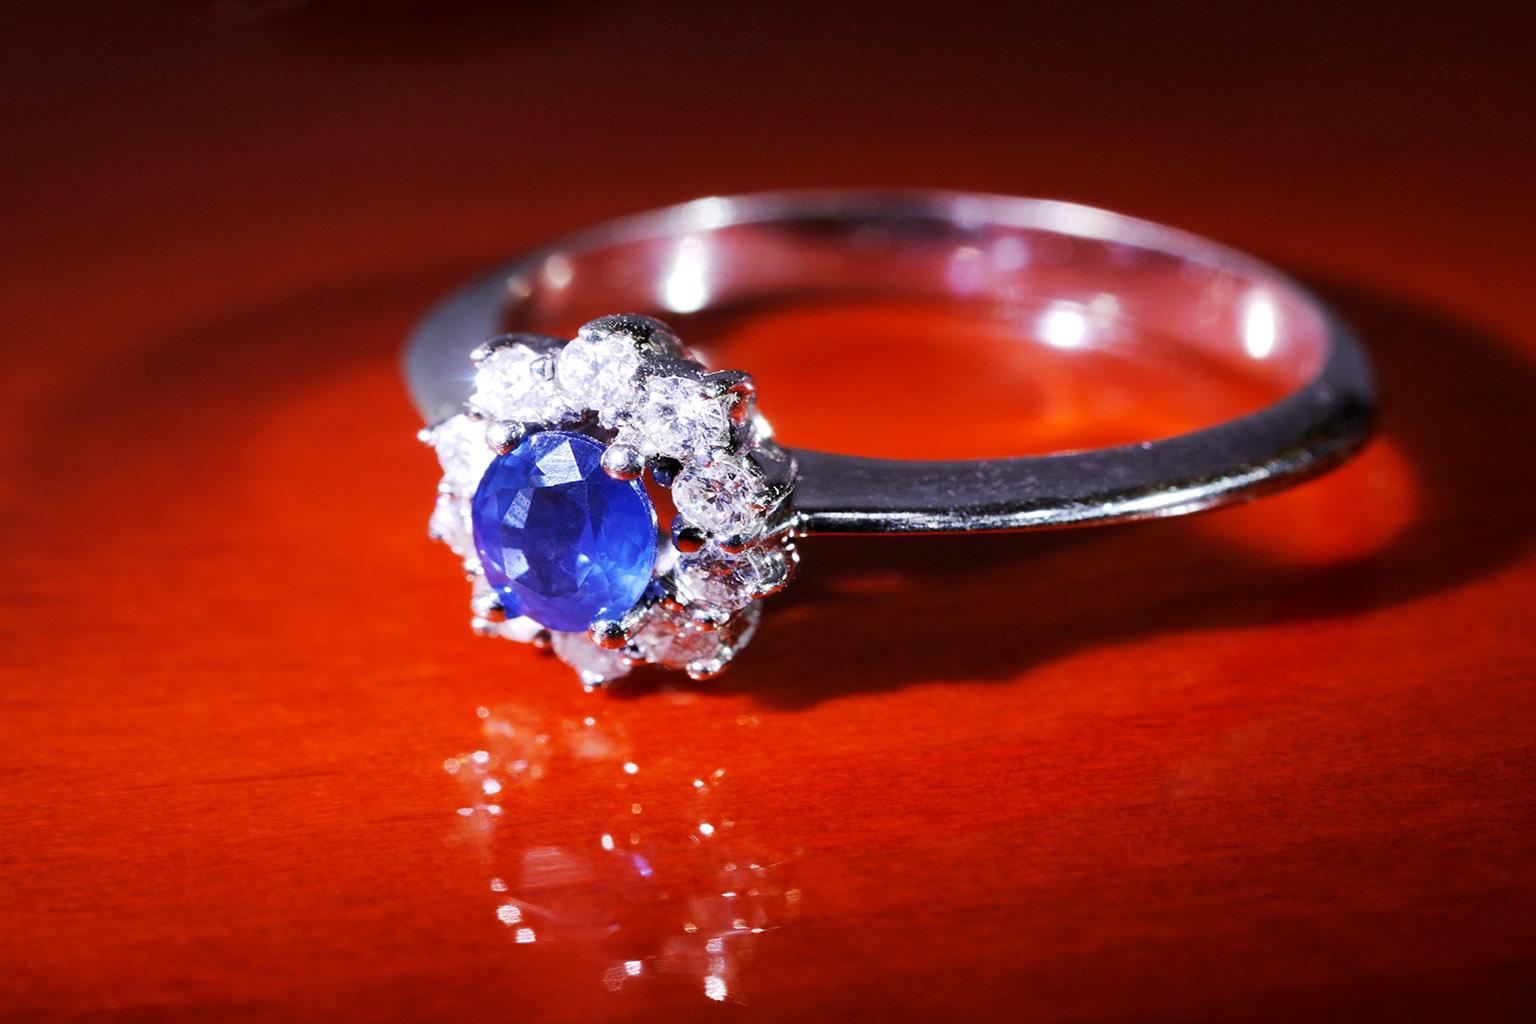 Alianza con zafiro central rodeada de diamantes en forma de flor, una de las sortijas de compromiso más demandadas por cualquier pareja enamorada